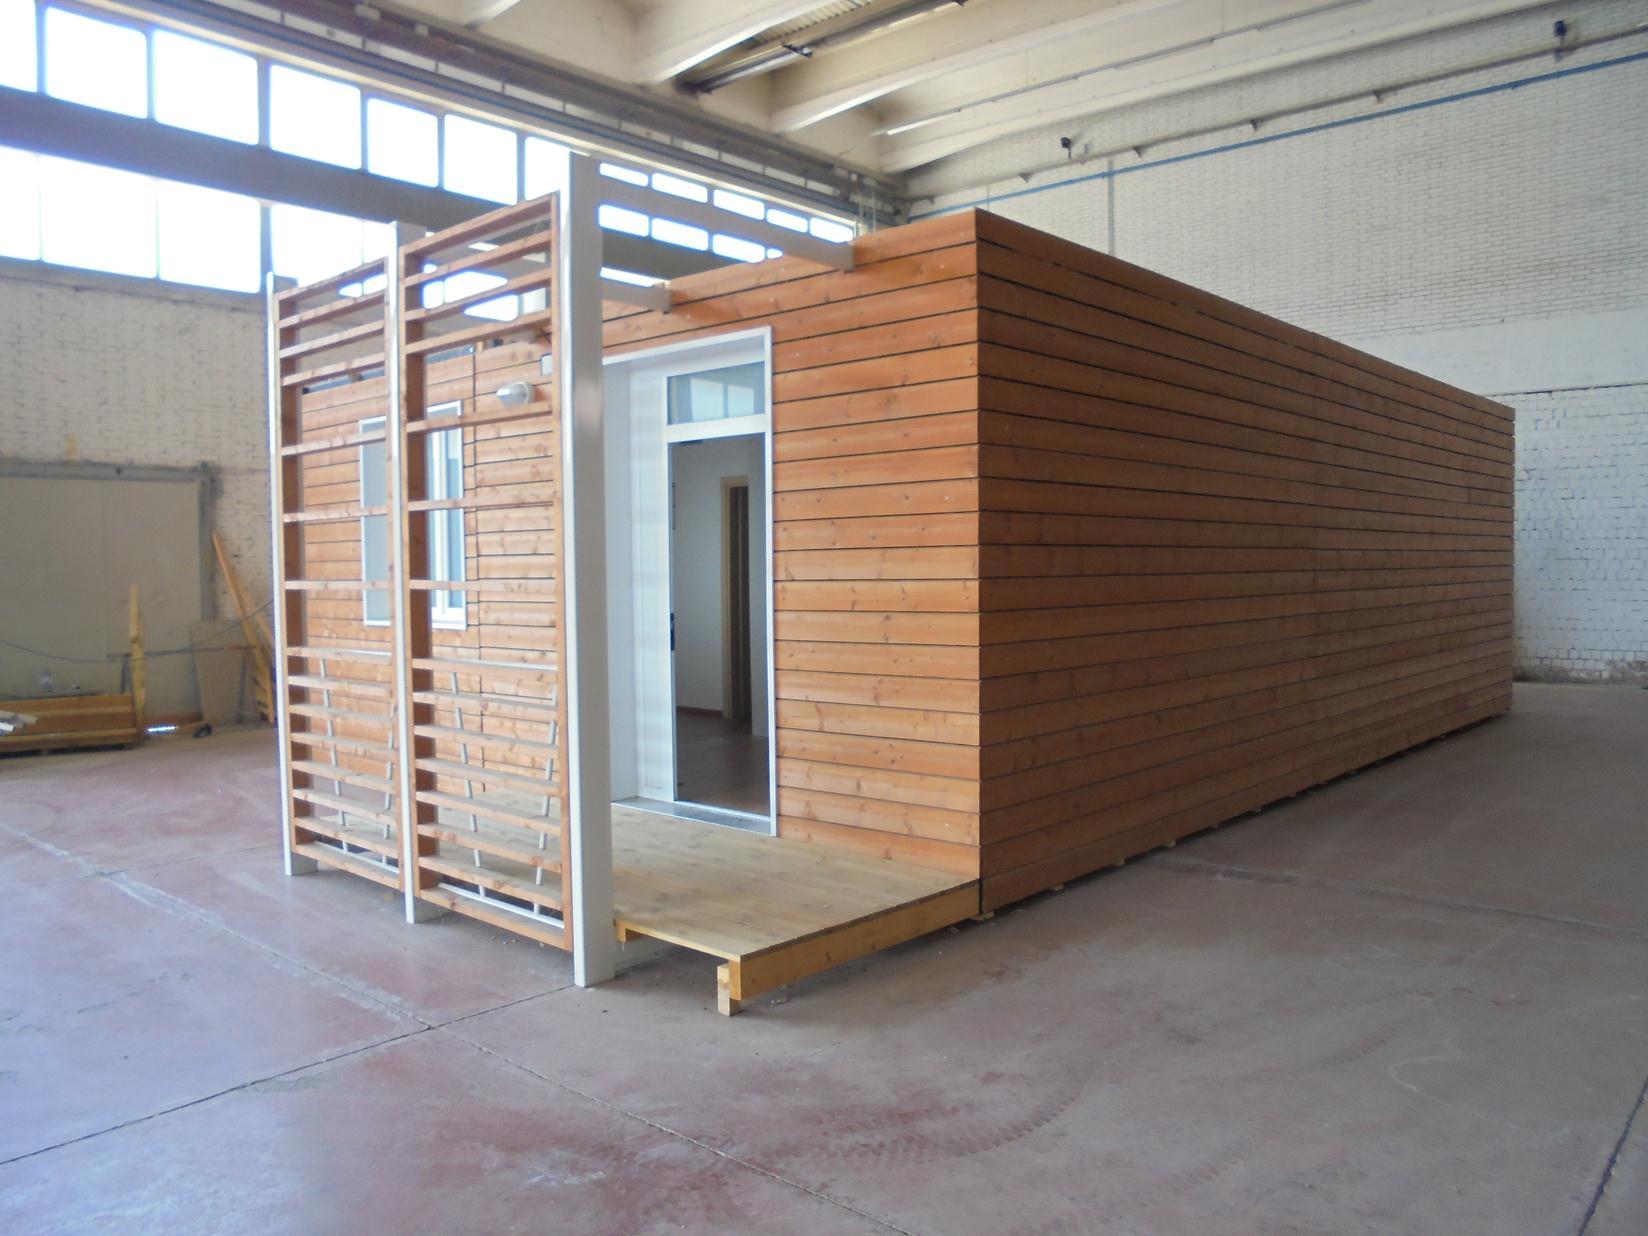 Casa prefabbricata shelbox 9 80x6 70 4springs case mobili for Casa mobile